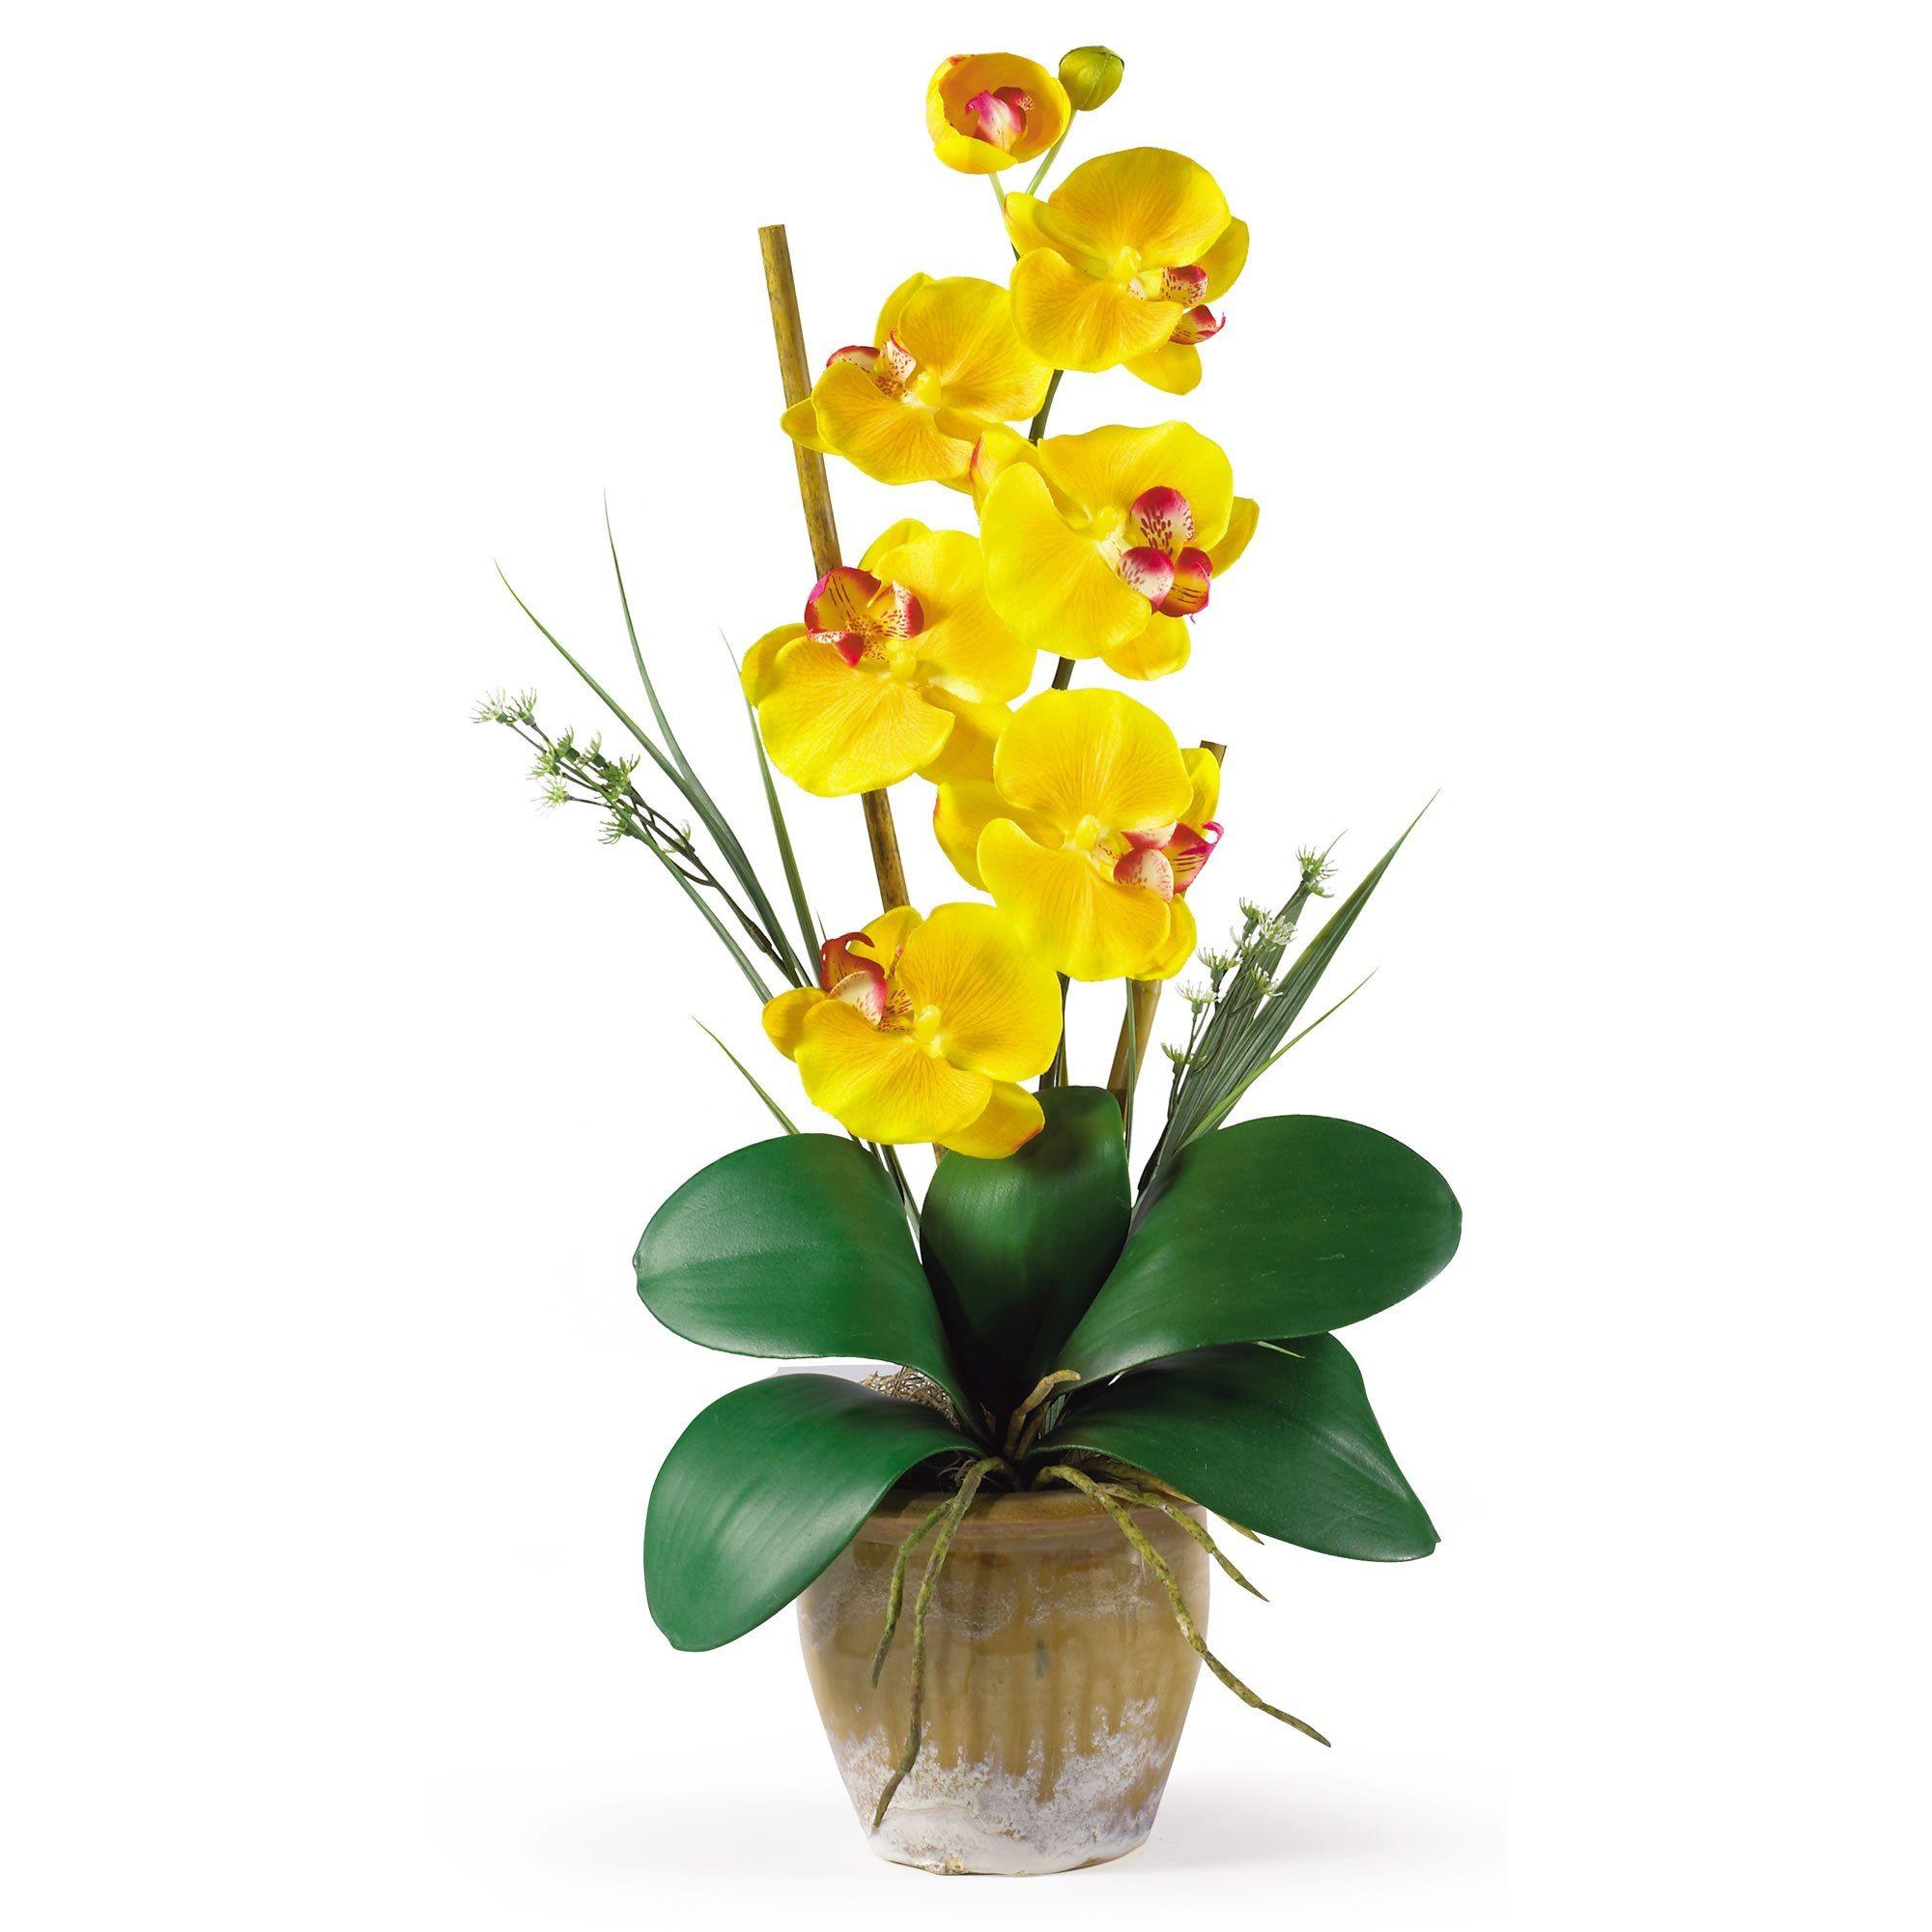 21 H Faux Yellow Single Stem Phalaenopsis Arrangement Com Imagens Arranjos De Flores Artificiais Arranjos De Flores Orquideas Em Eva